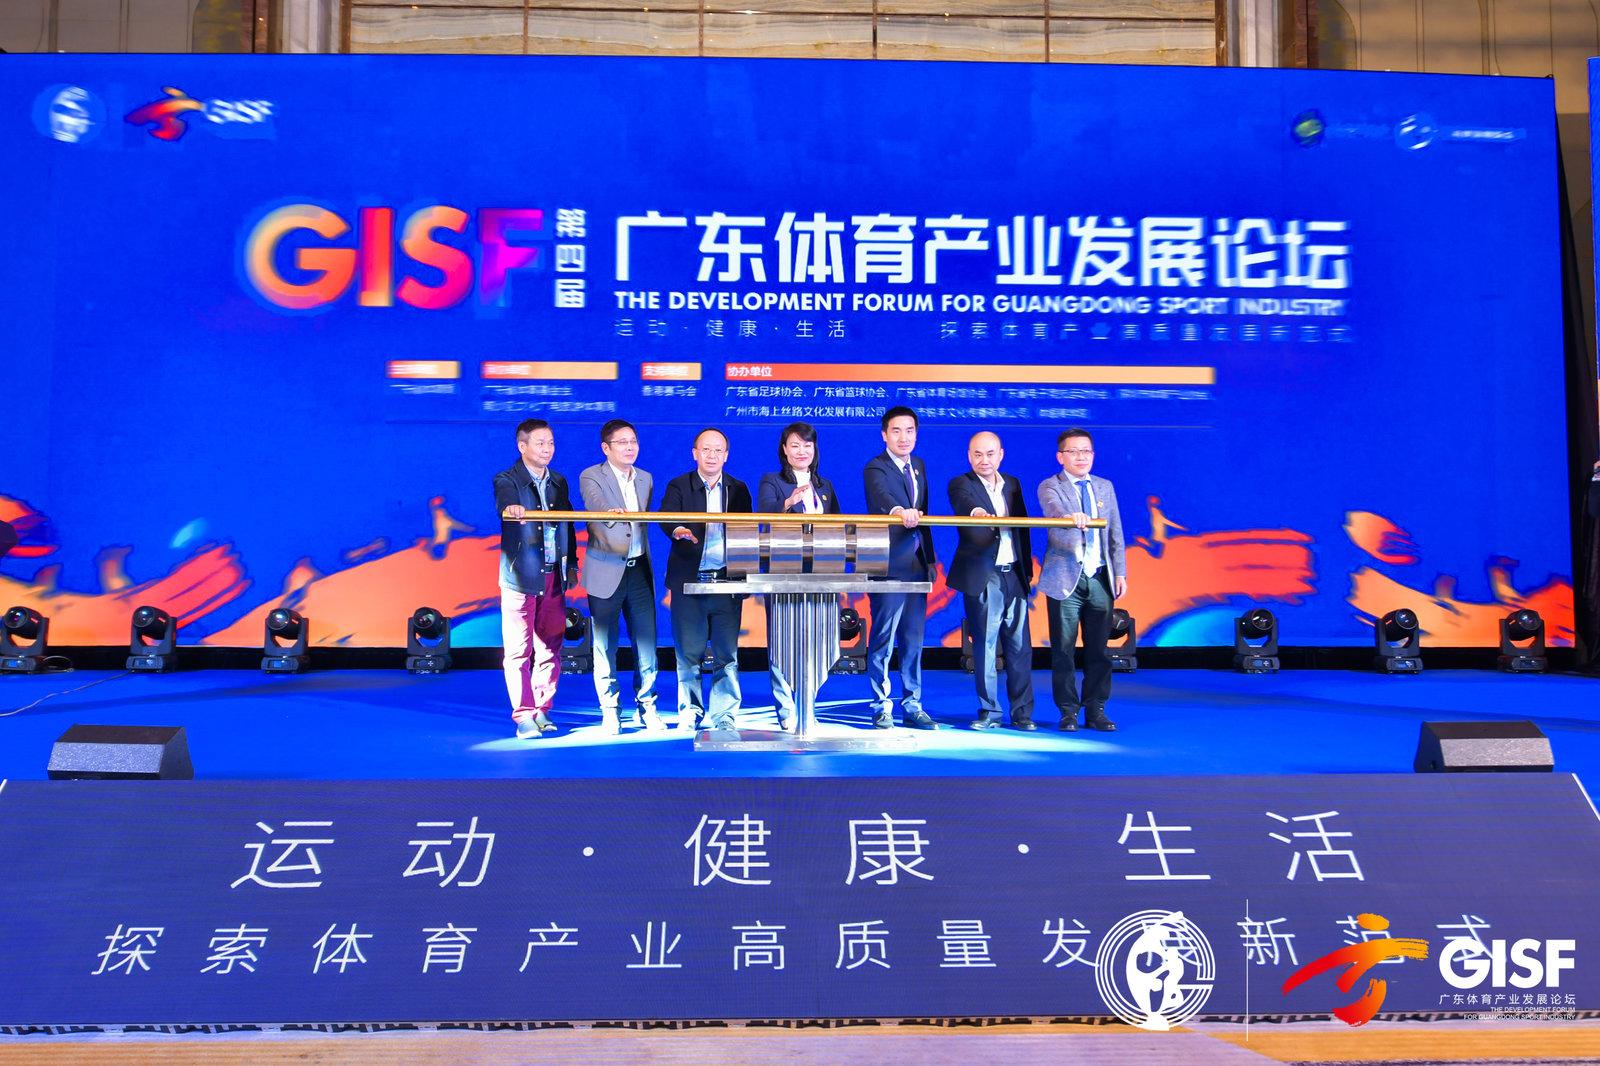 廣東省體育產業發展論壇圓滿舉行探索體育產業高質量發展新范式